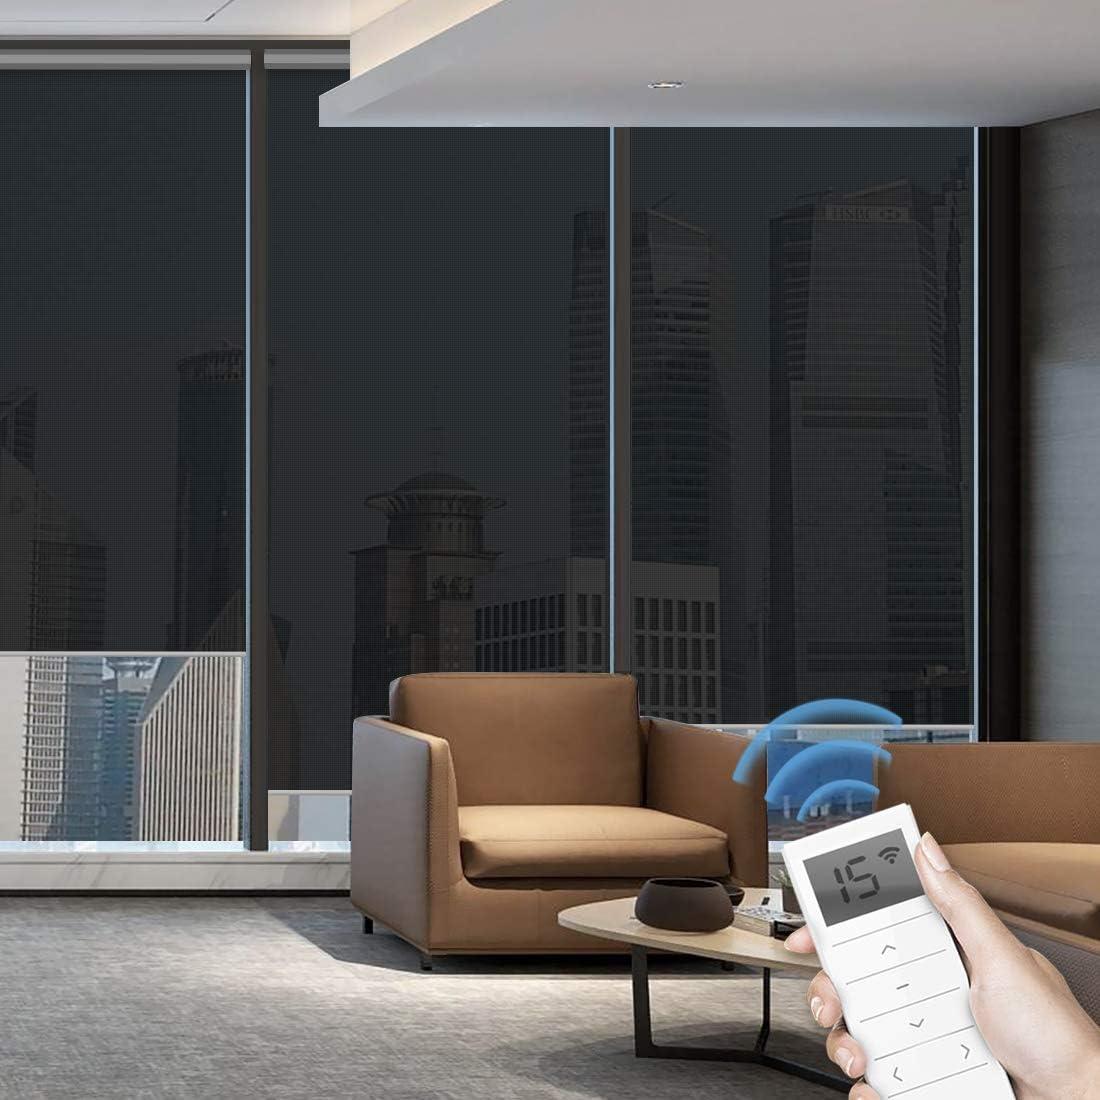 Graywind - Persianas enrollables motorizadas, 50 % de filtración de luz, persianas enrollables a prueba de fuego, persianas inalámbricas para ventana con cenefa para hogar inteligente, oficina y lugares de negocios, tamaño